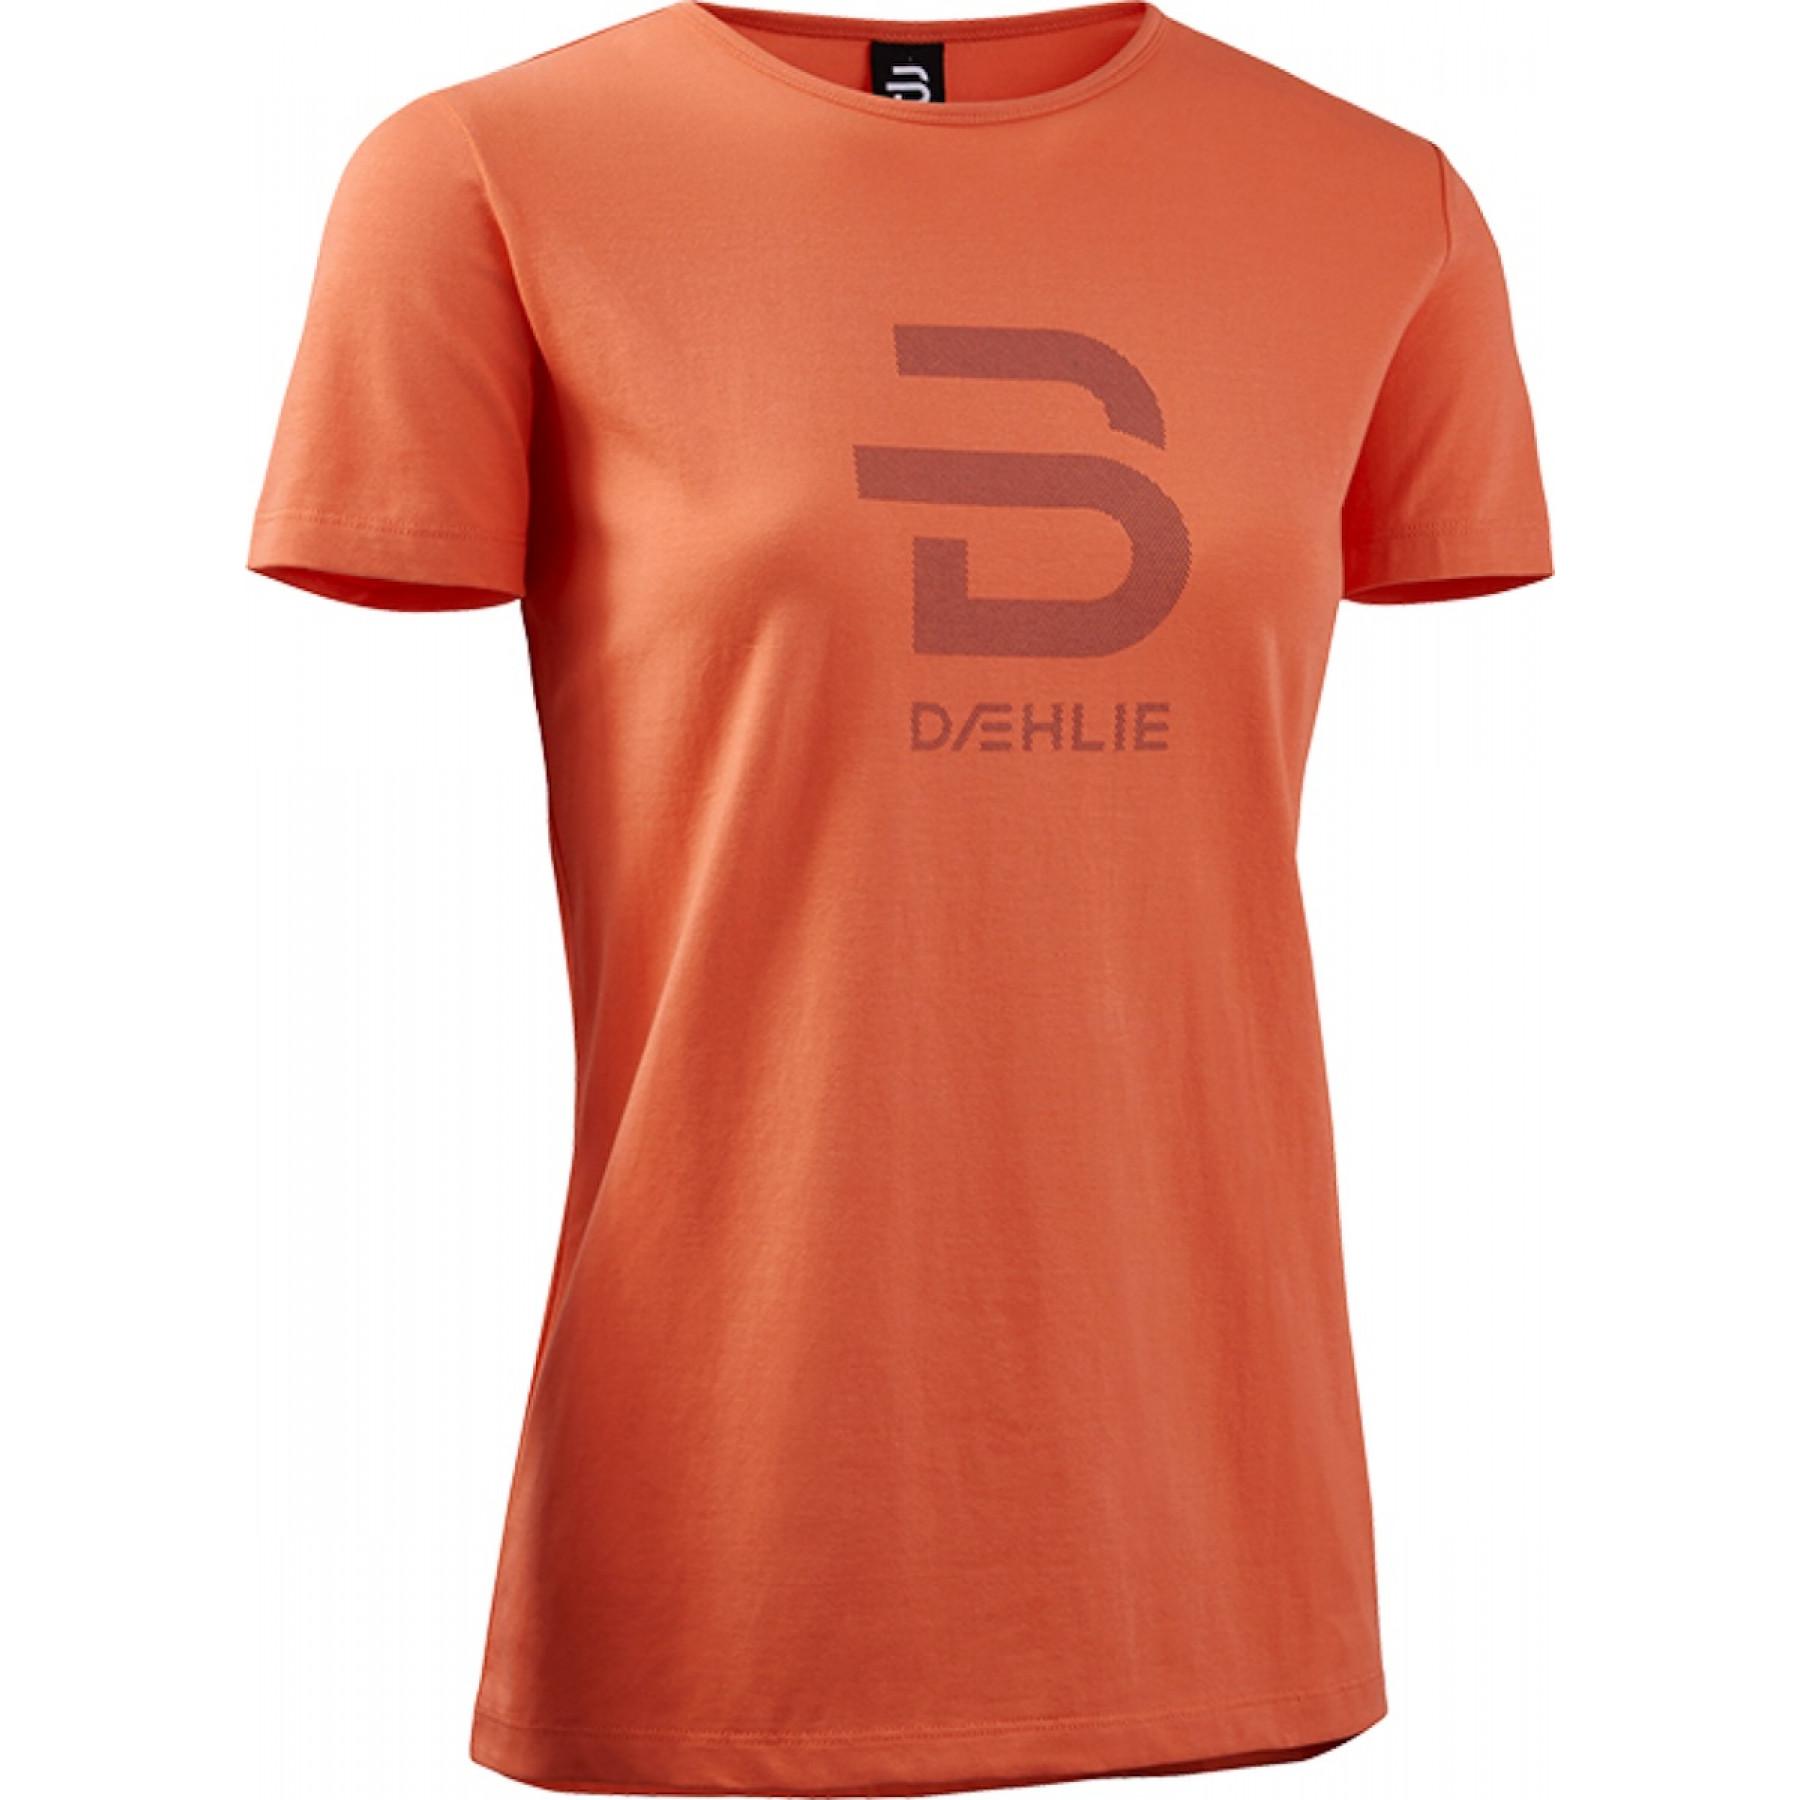 Bjørn Dæhlie T-Shirt Offtrack Wmn Hot Coral  e9d97d08d2a88